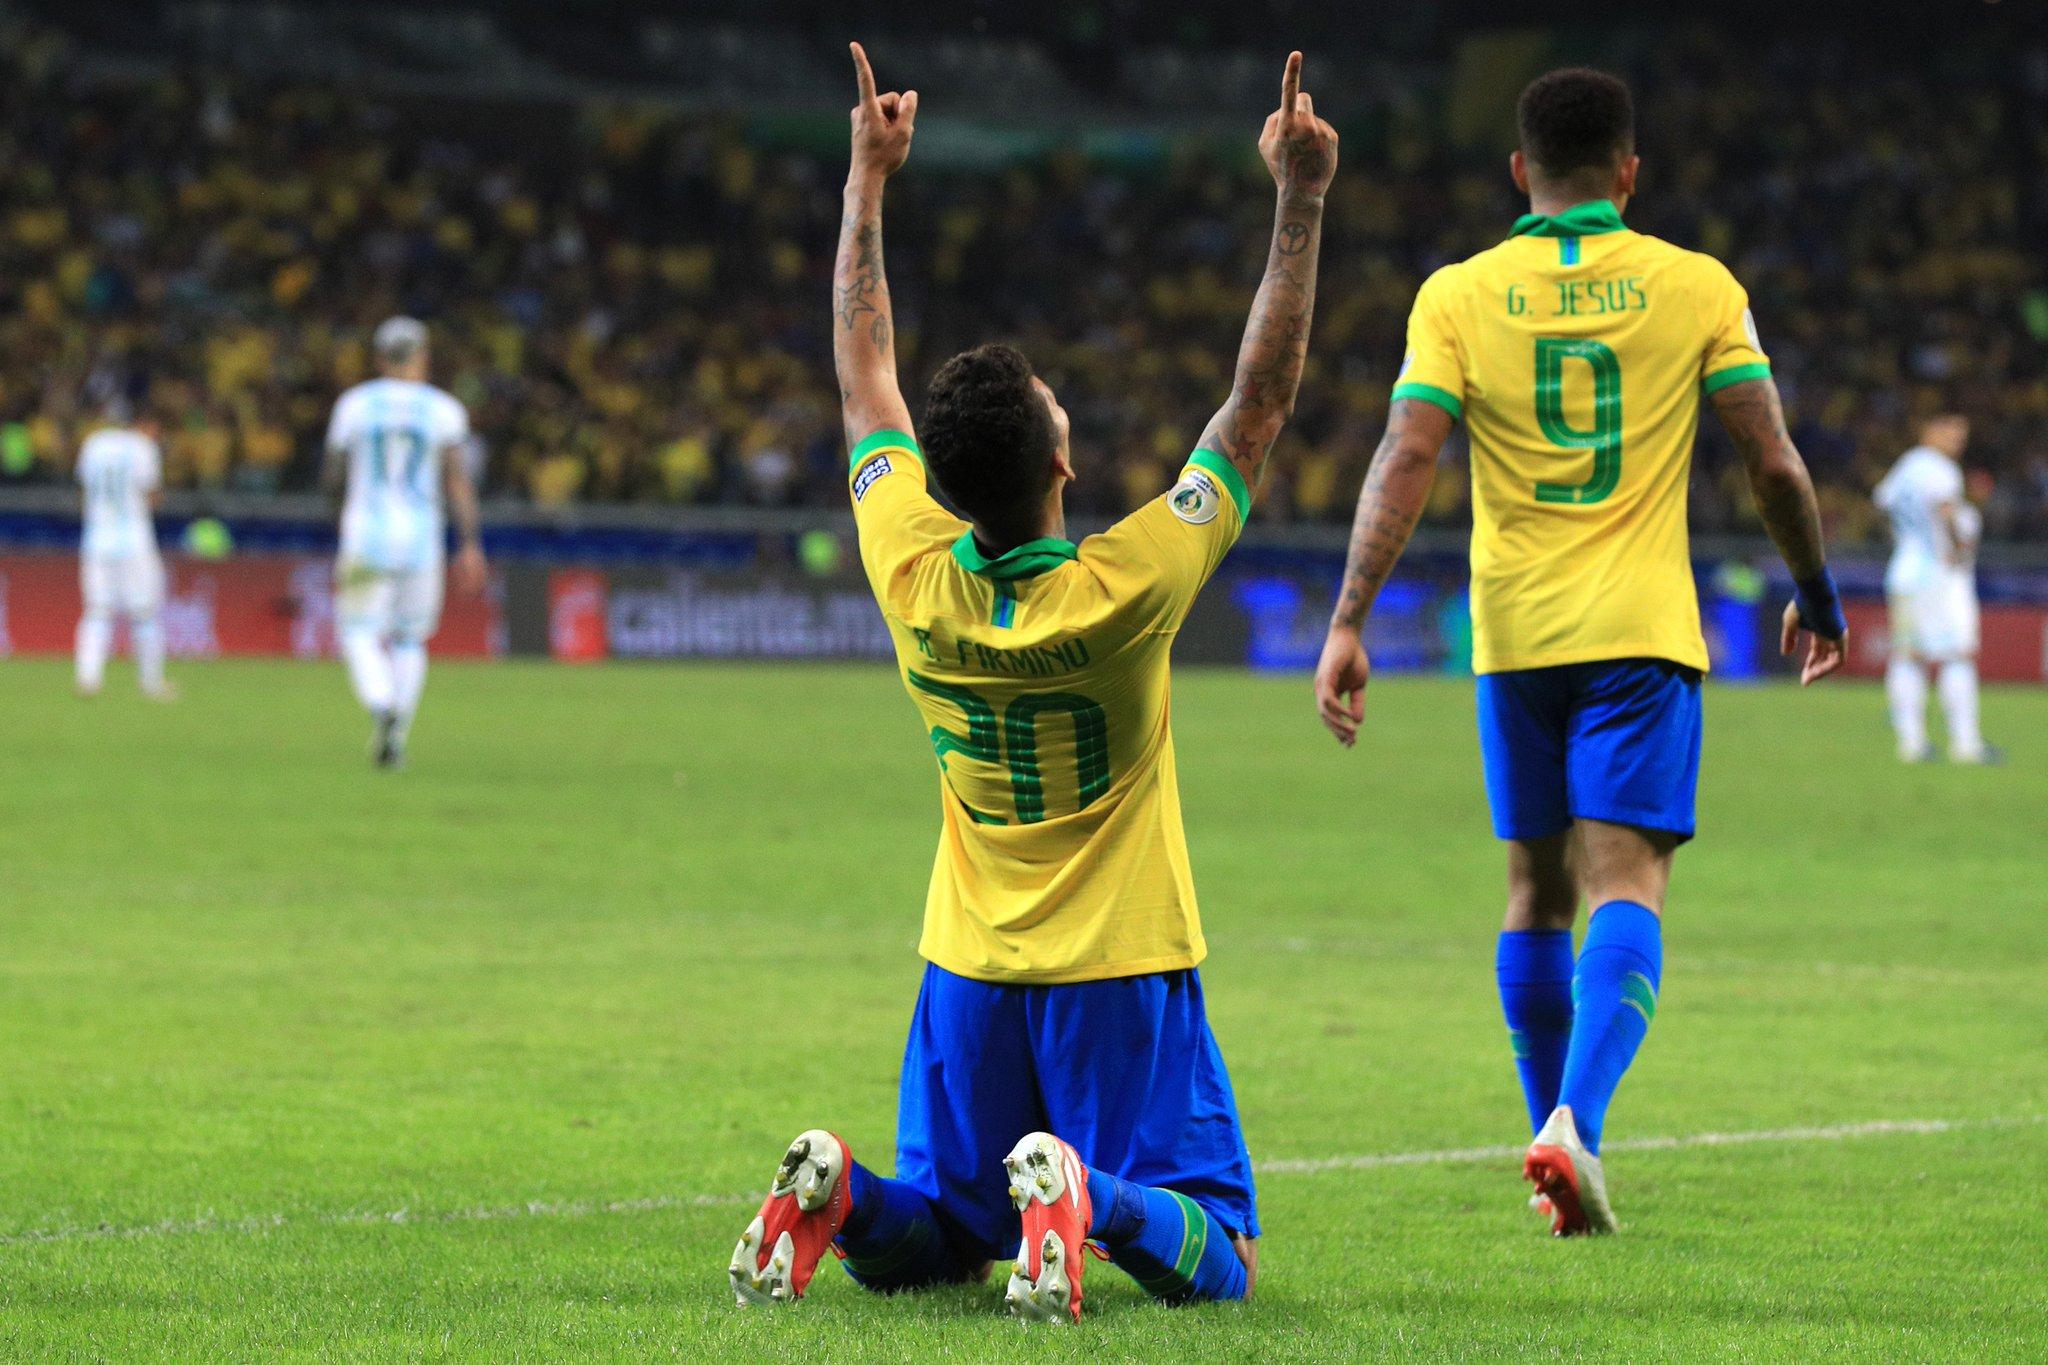 أهداف مباراة البرازيل والأرجنتين في نصف نهائي كوبا أمريكا